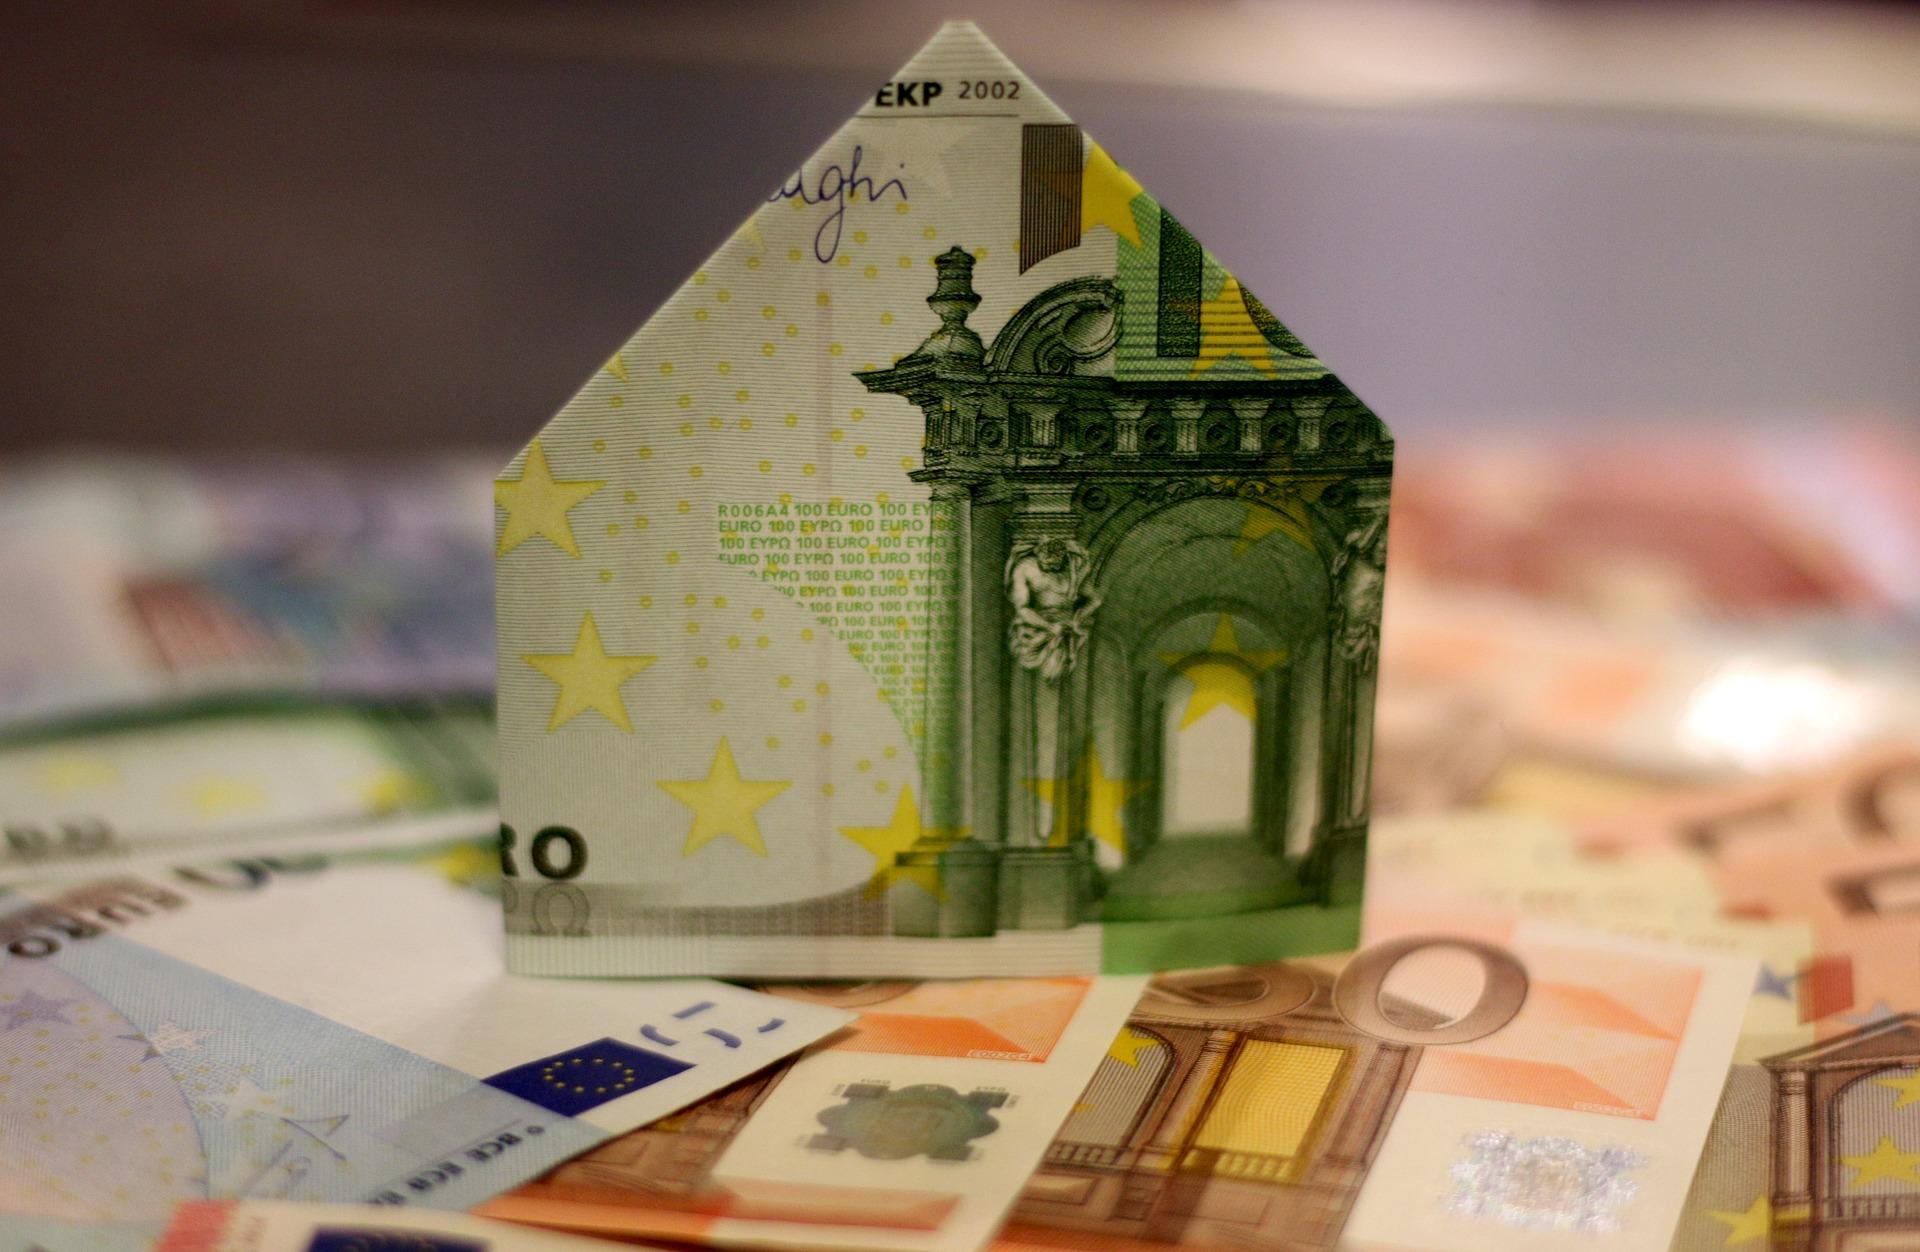 Thema Businesskredit: Aus Euroscheinen gebautes Haus